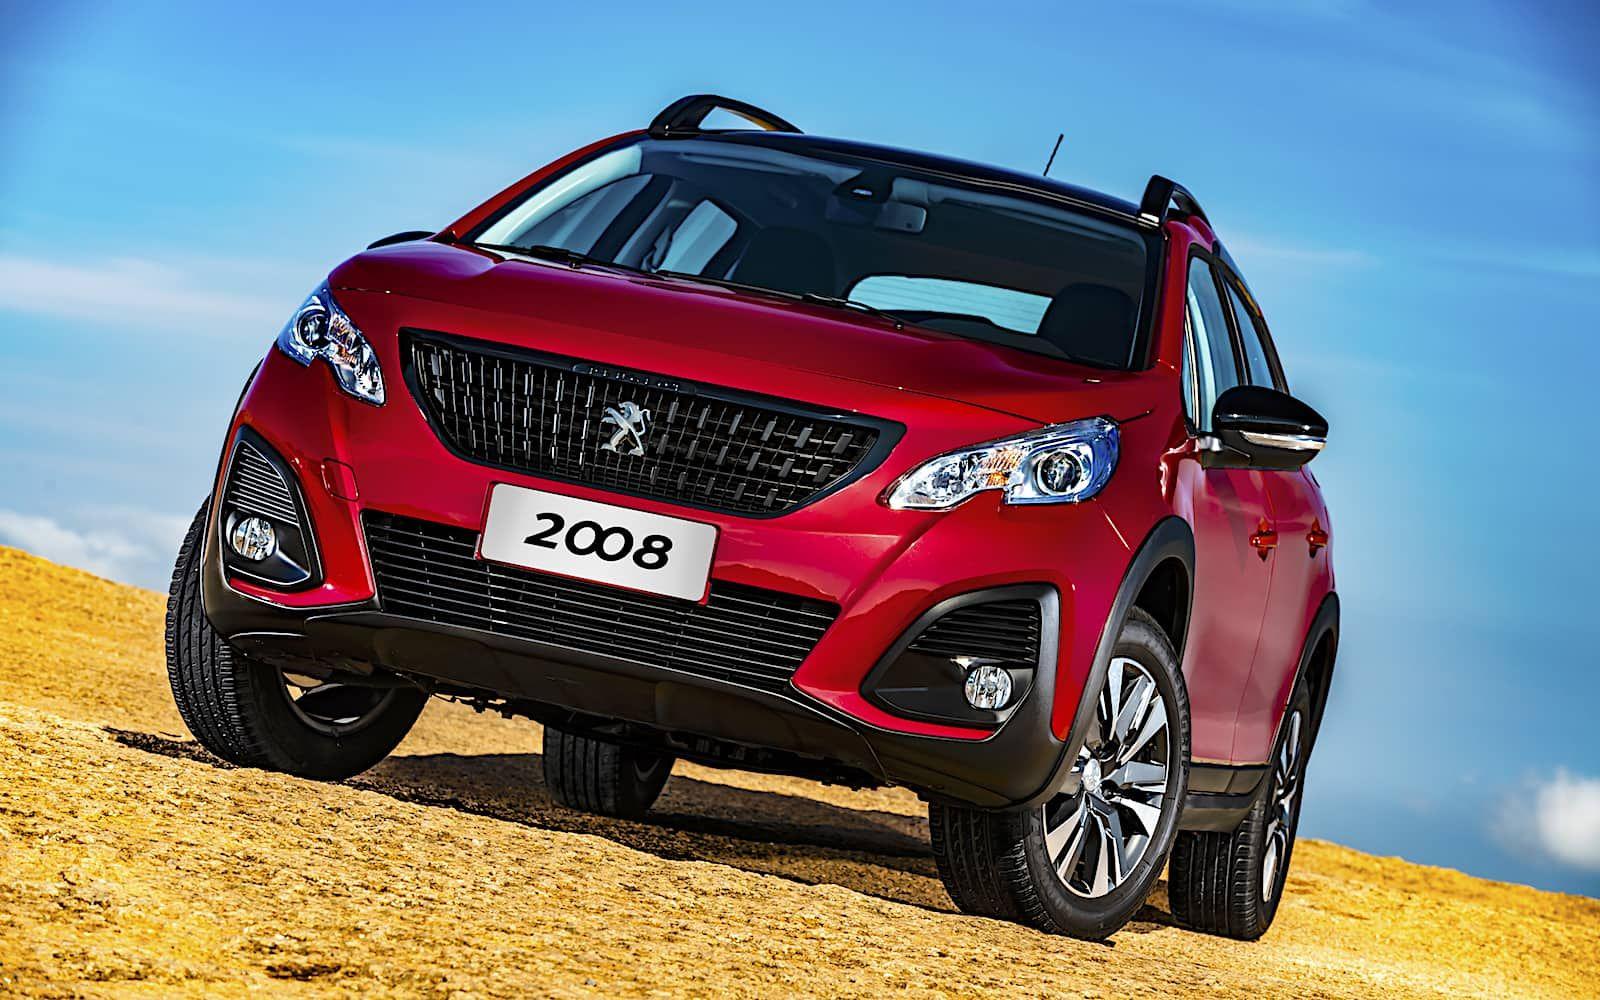 Peugeot 2008 2020 En Argentina Precios Versiones Y Equipamiento Peugeot 2008 Peugeot Fotos De Coches